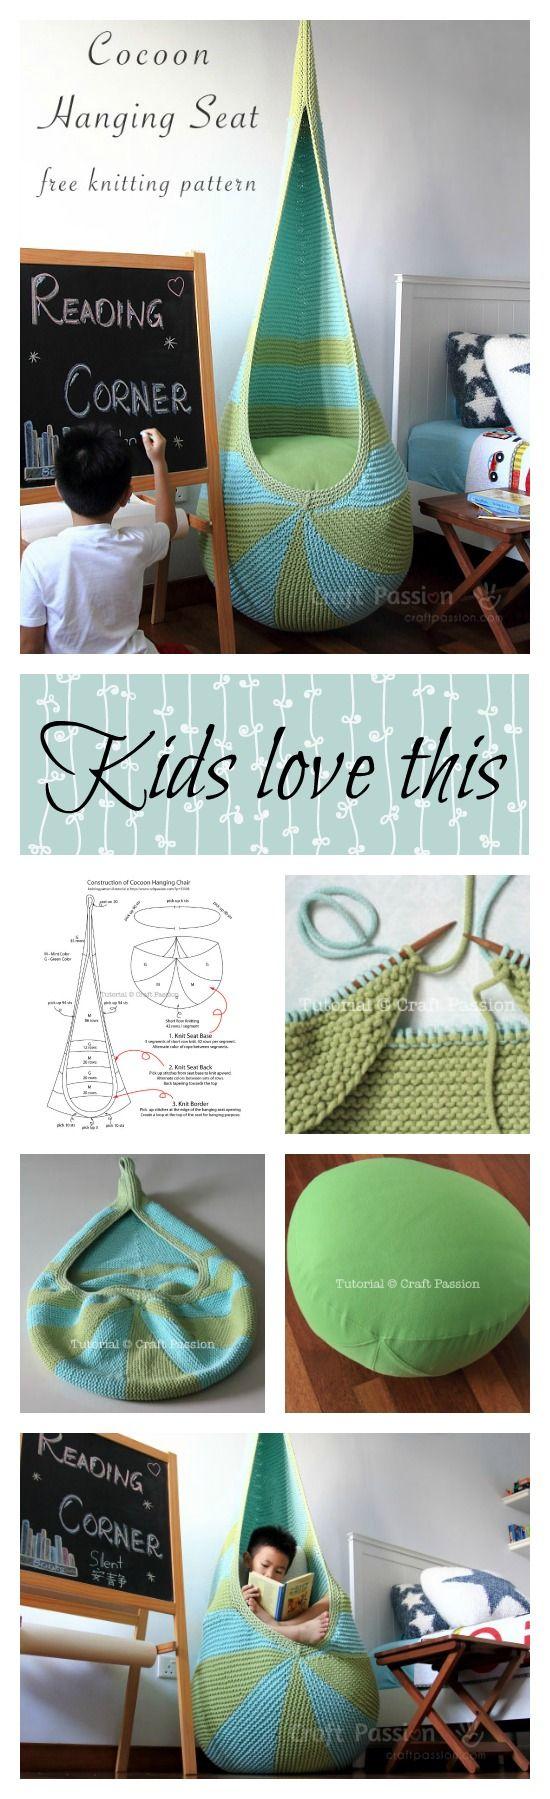 Cocoon Hanging Seat - Free Knitting Pattern | Tejido, Dos agujas y Lana